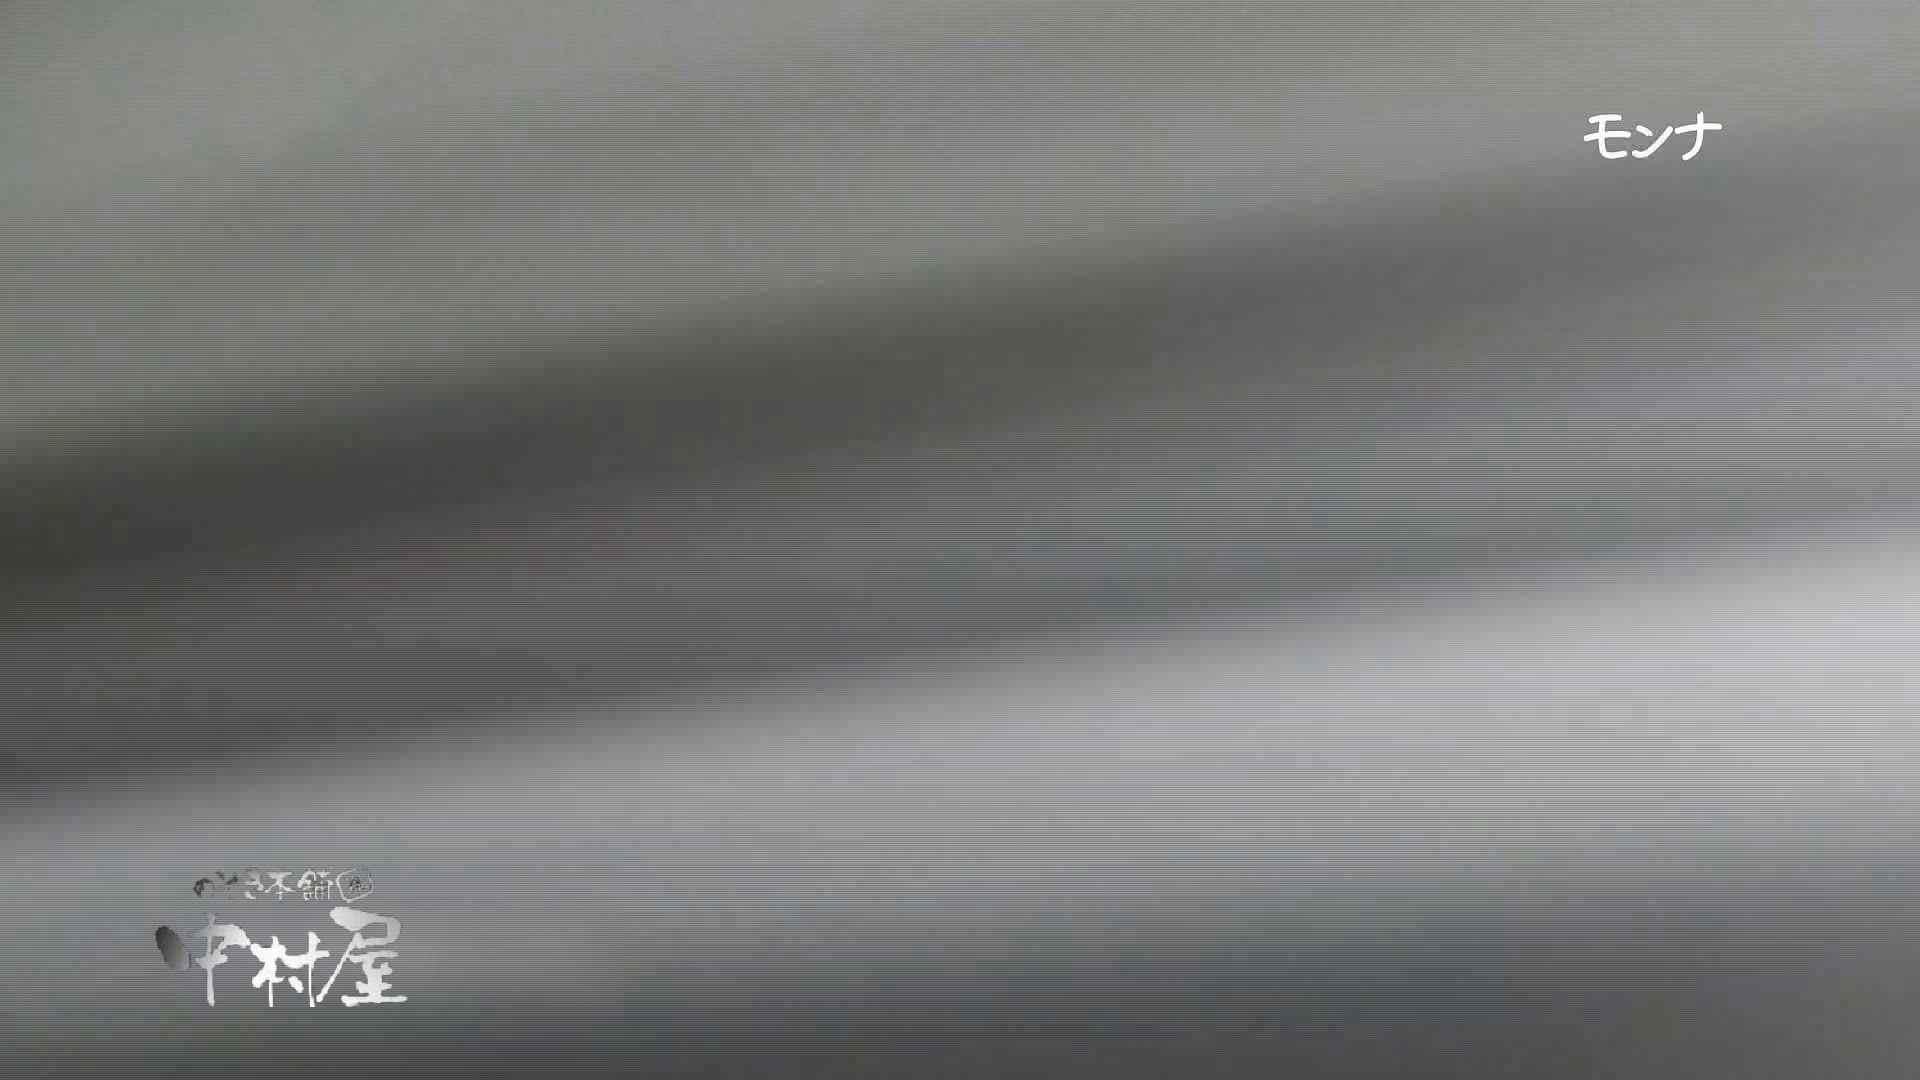 【美しい日本の未来】新学期!!下半身中心に攻めてます美女可愛い女子悪戯盗satuトイレ後編 0 | 0  40連発 19